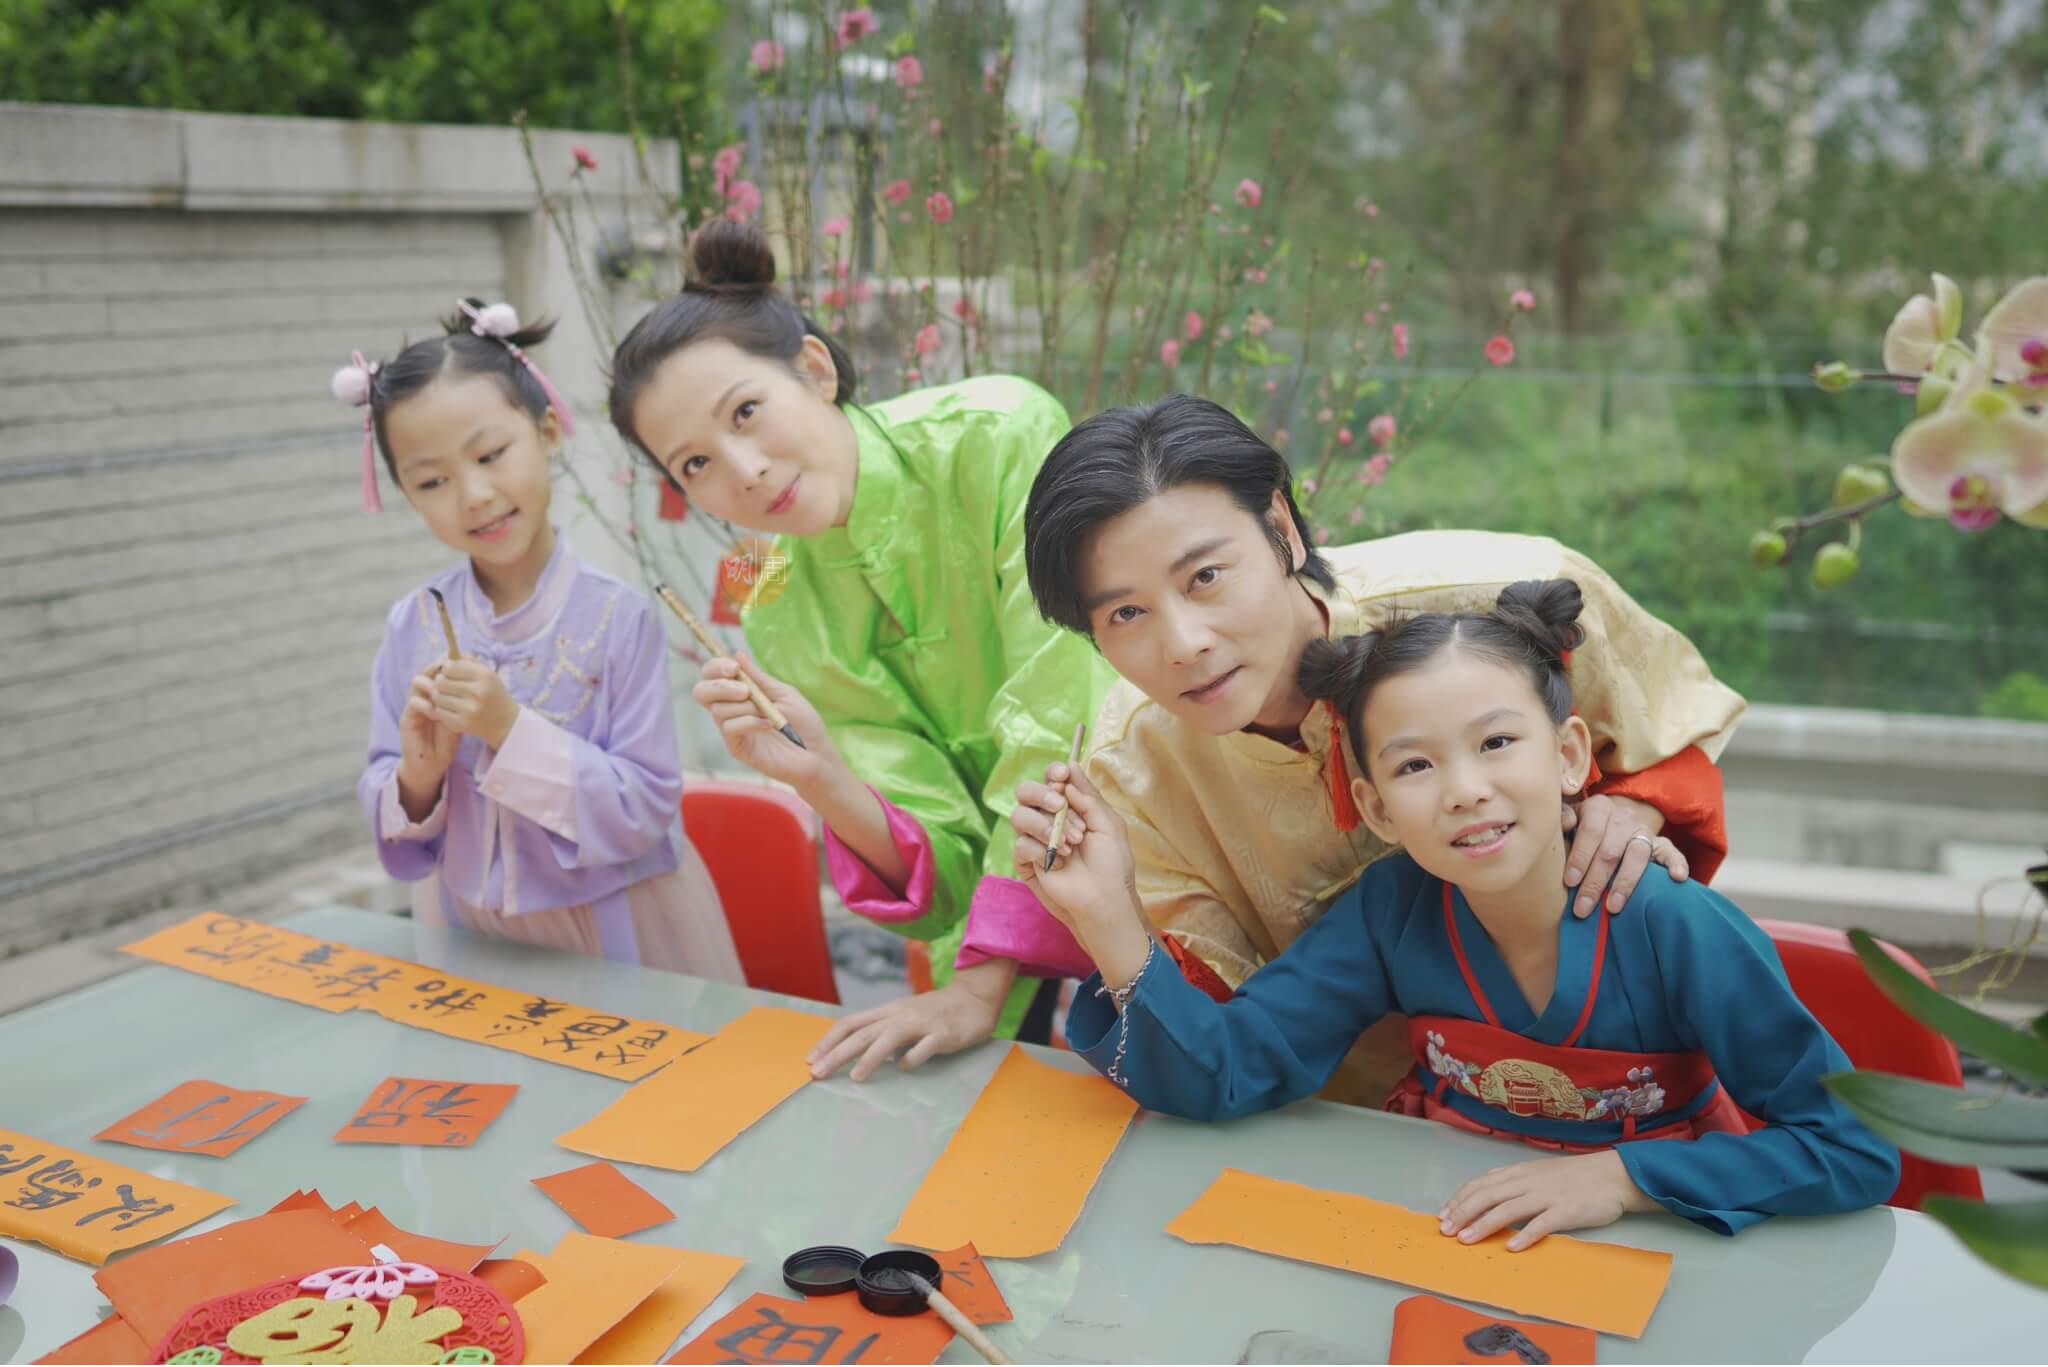 農曆新年前夕,蔡少芬與張晉和兩位女兒寫揮春,Ada希望楚兒和信兒「活潑可人」。